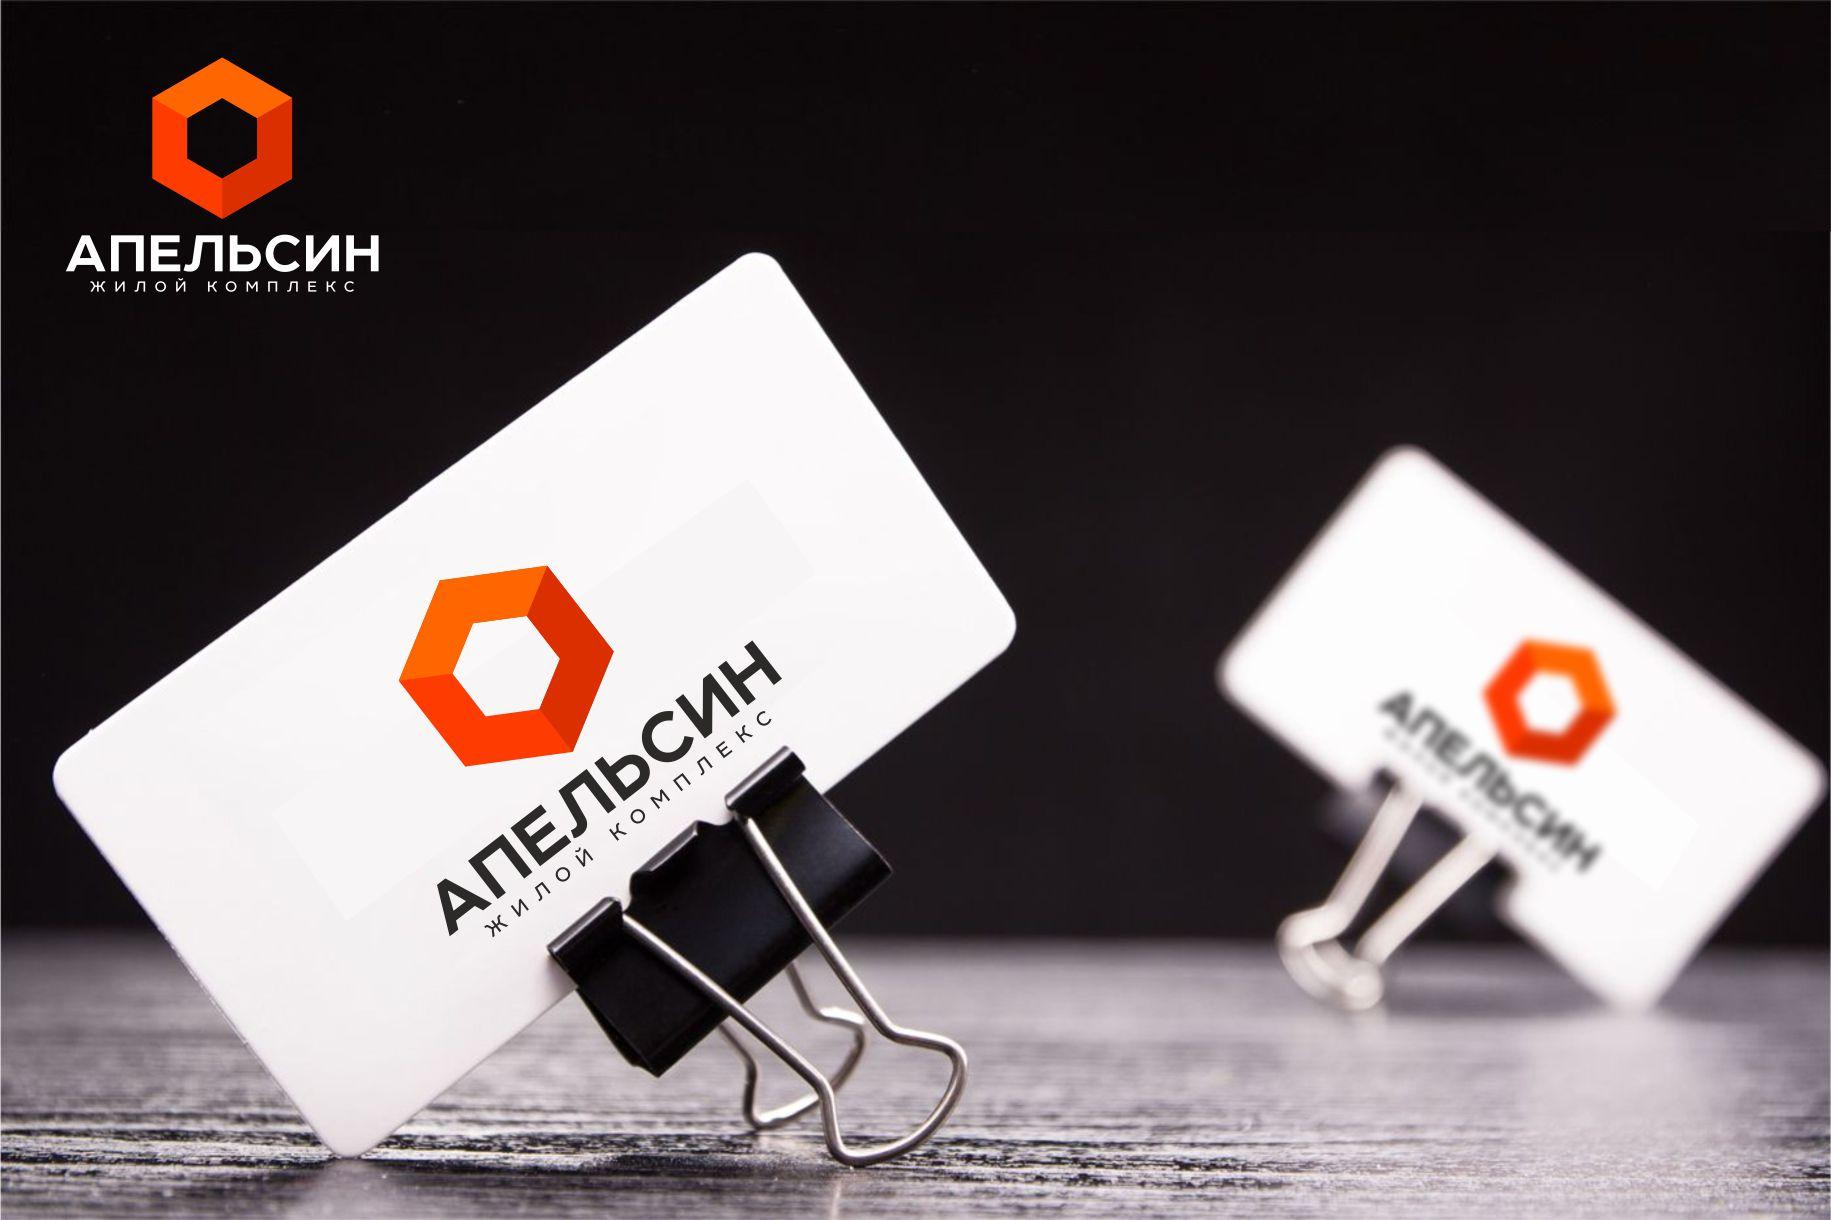 Логотип и фирменный стиль фото f_1875a5a8ad8a19ac.jpg